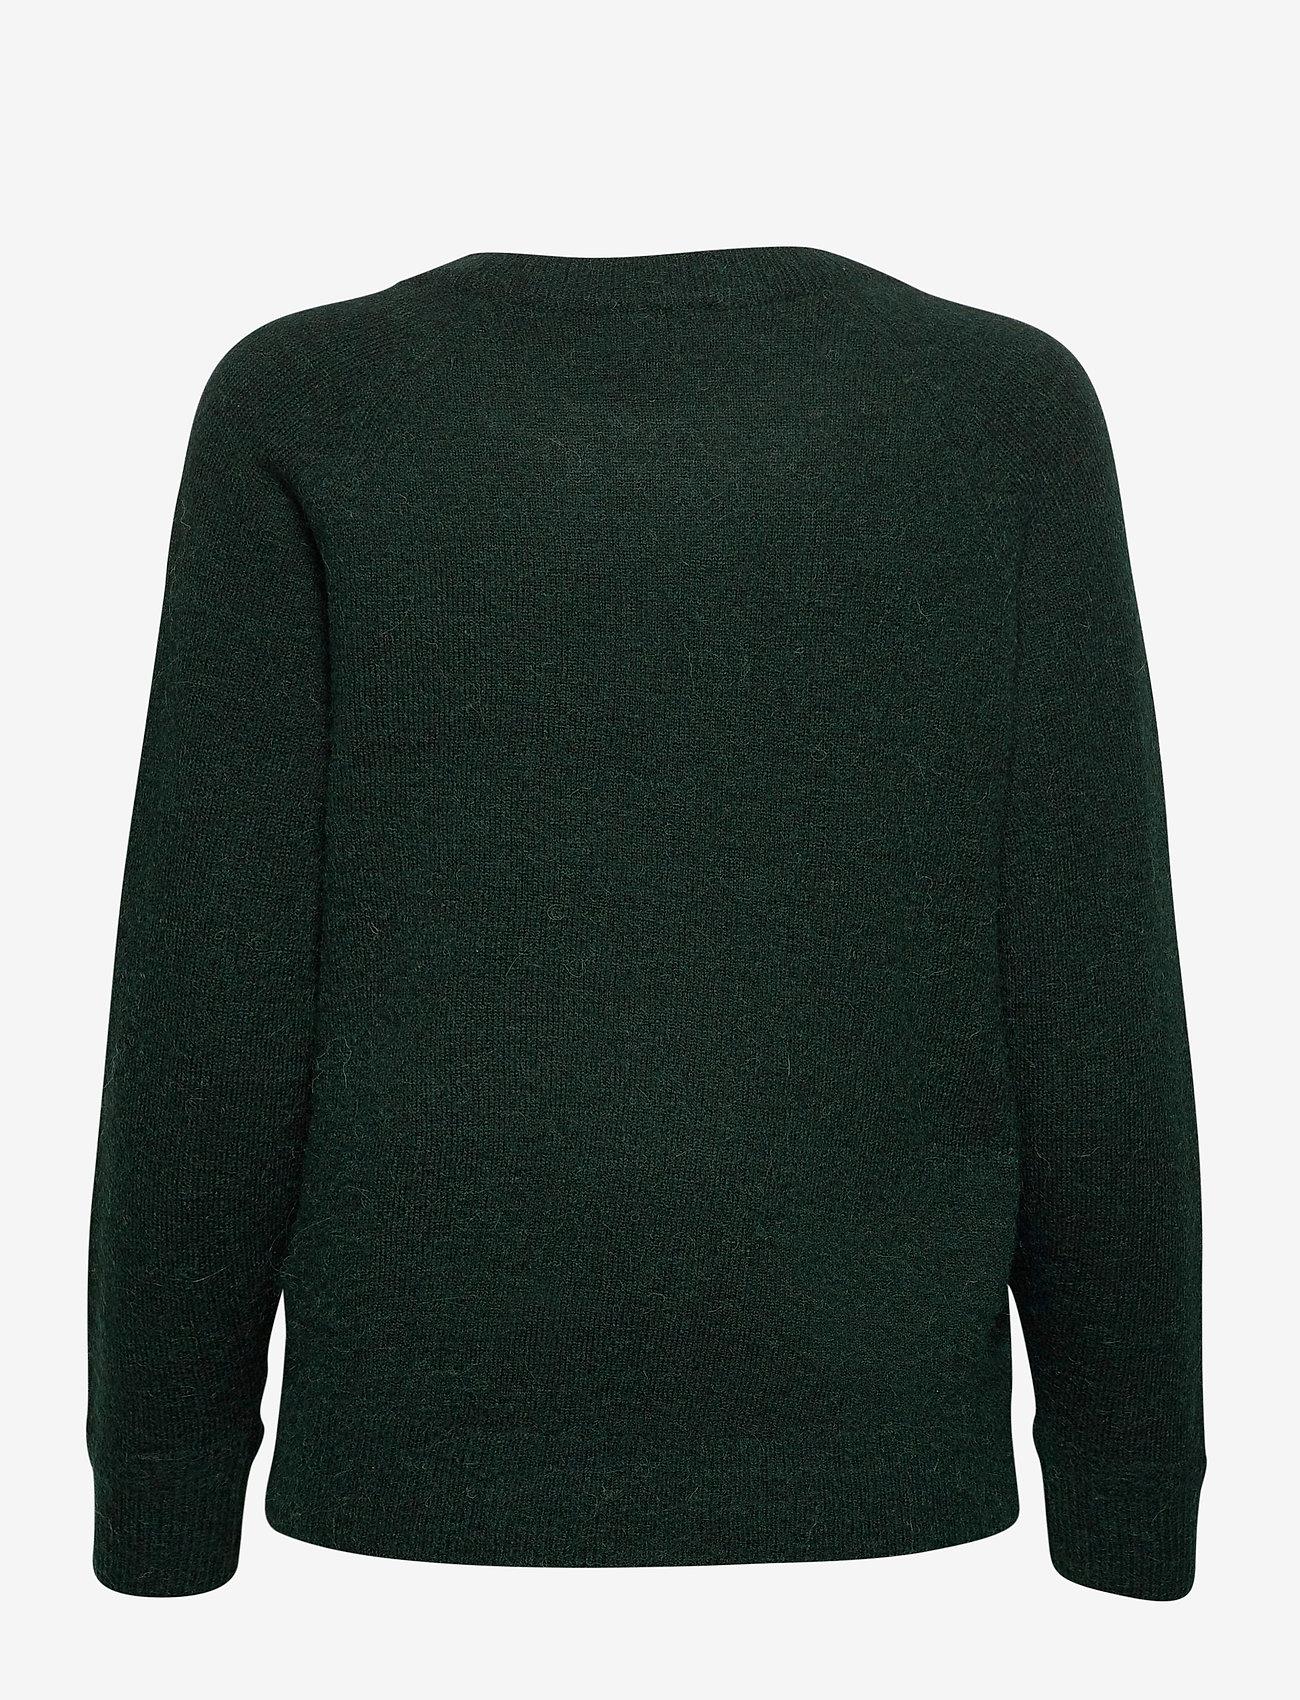 Selected Femme - SLFLULU LS KNIT O-NECK - tröjor - scarab - 1